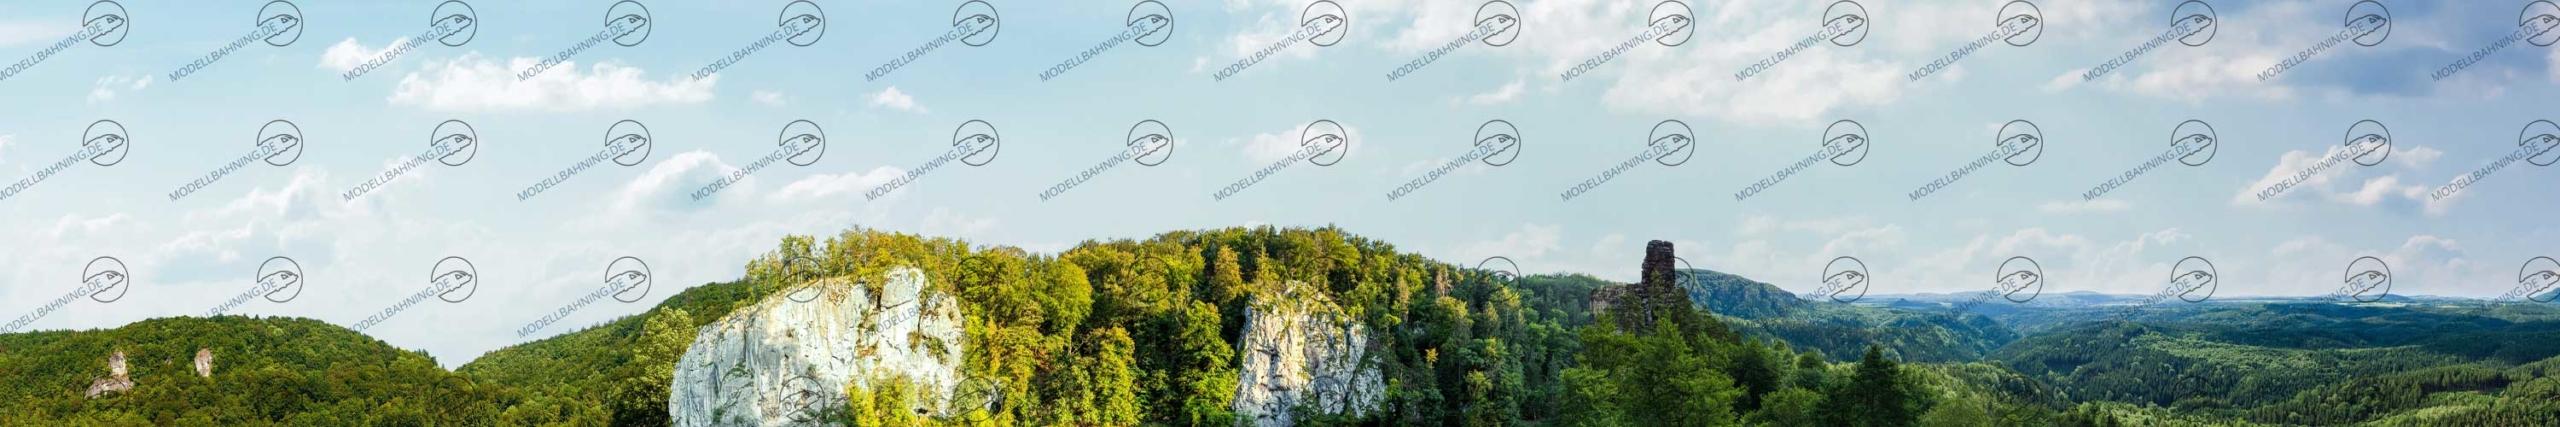 Modellbahn Hintergrund Erweiterung zu Motiv Mittelgebirge